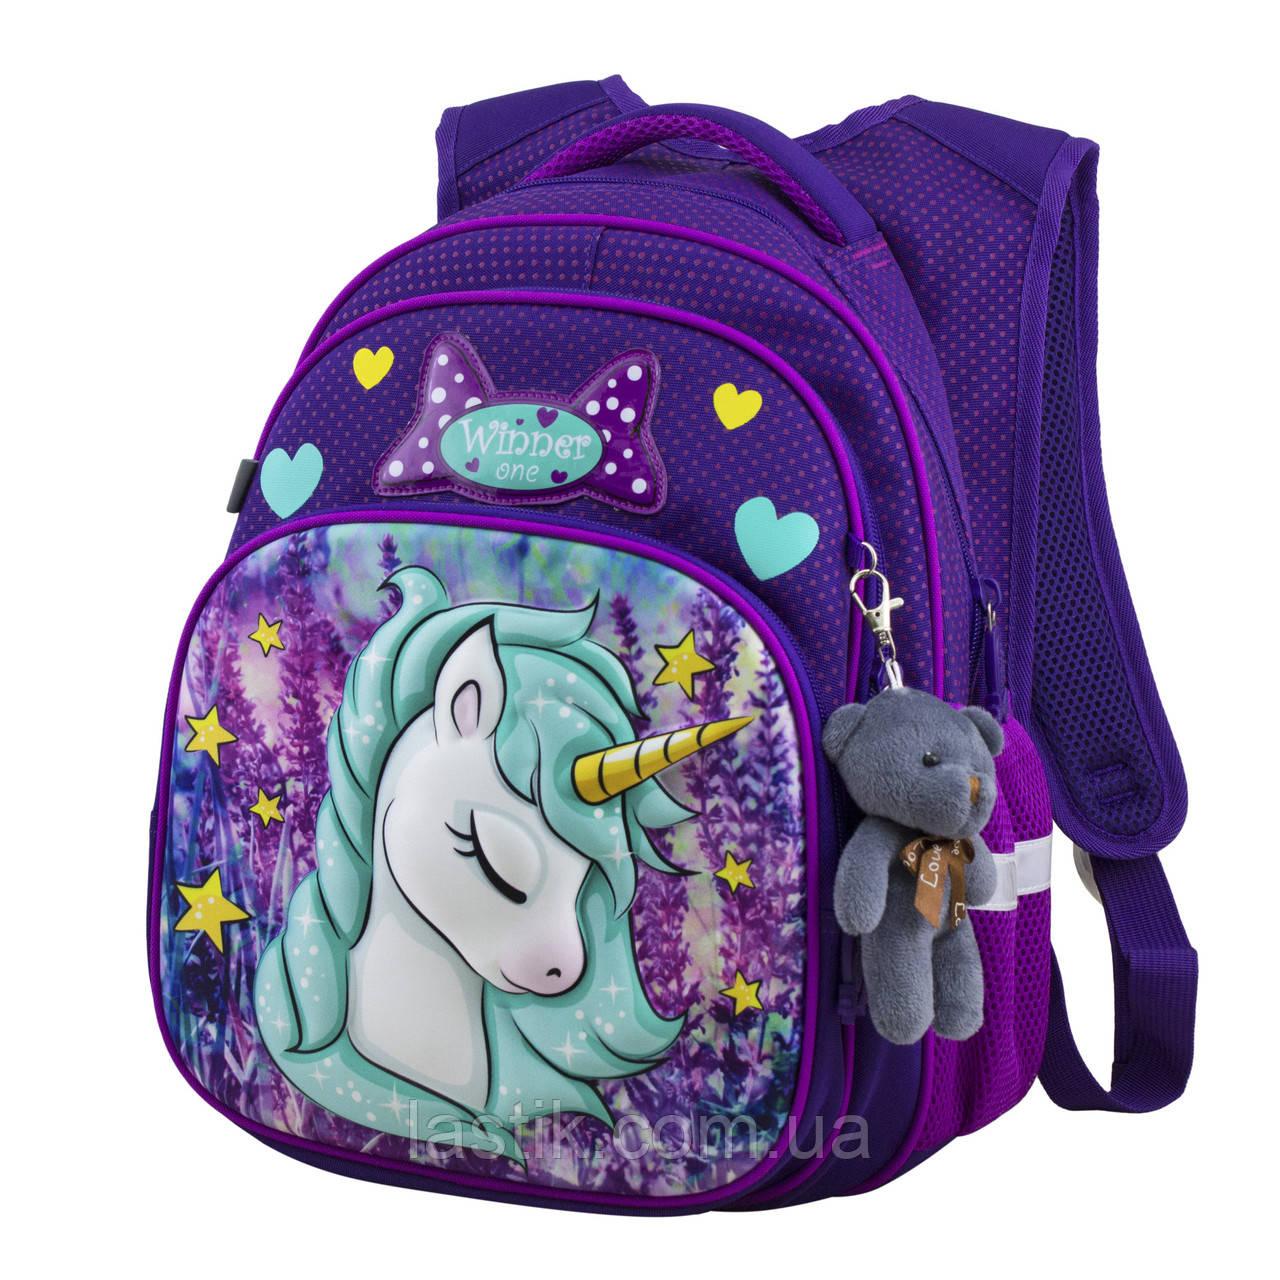 Рюкзак шкільний для дівчаток Winner One R3-222